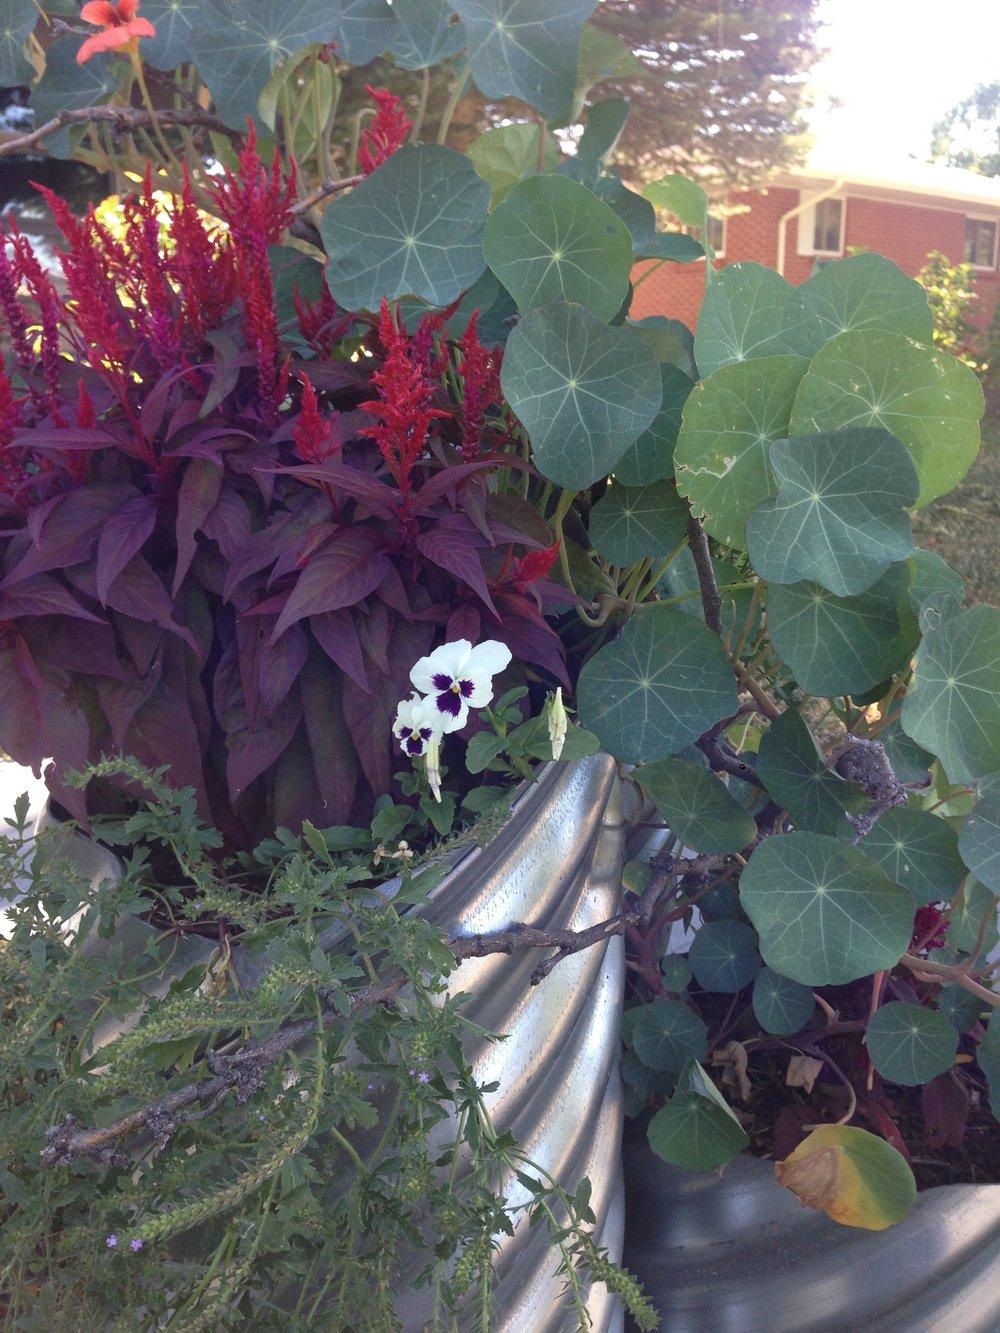 Celosia, nasturtium, and pansies.